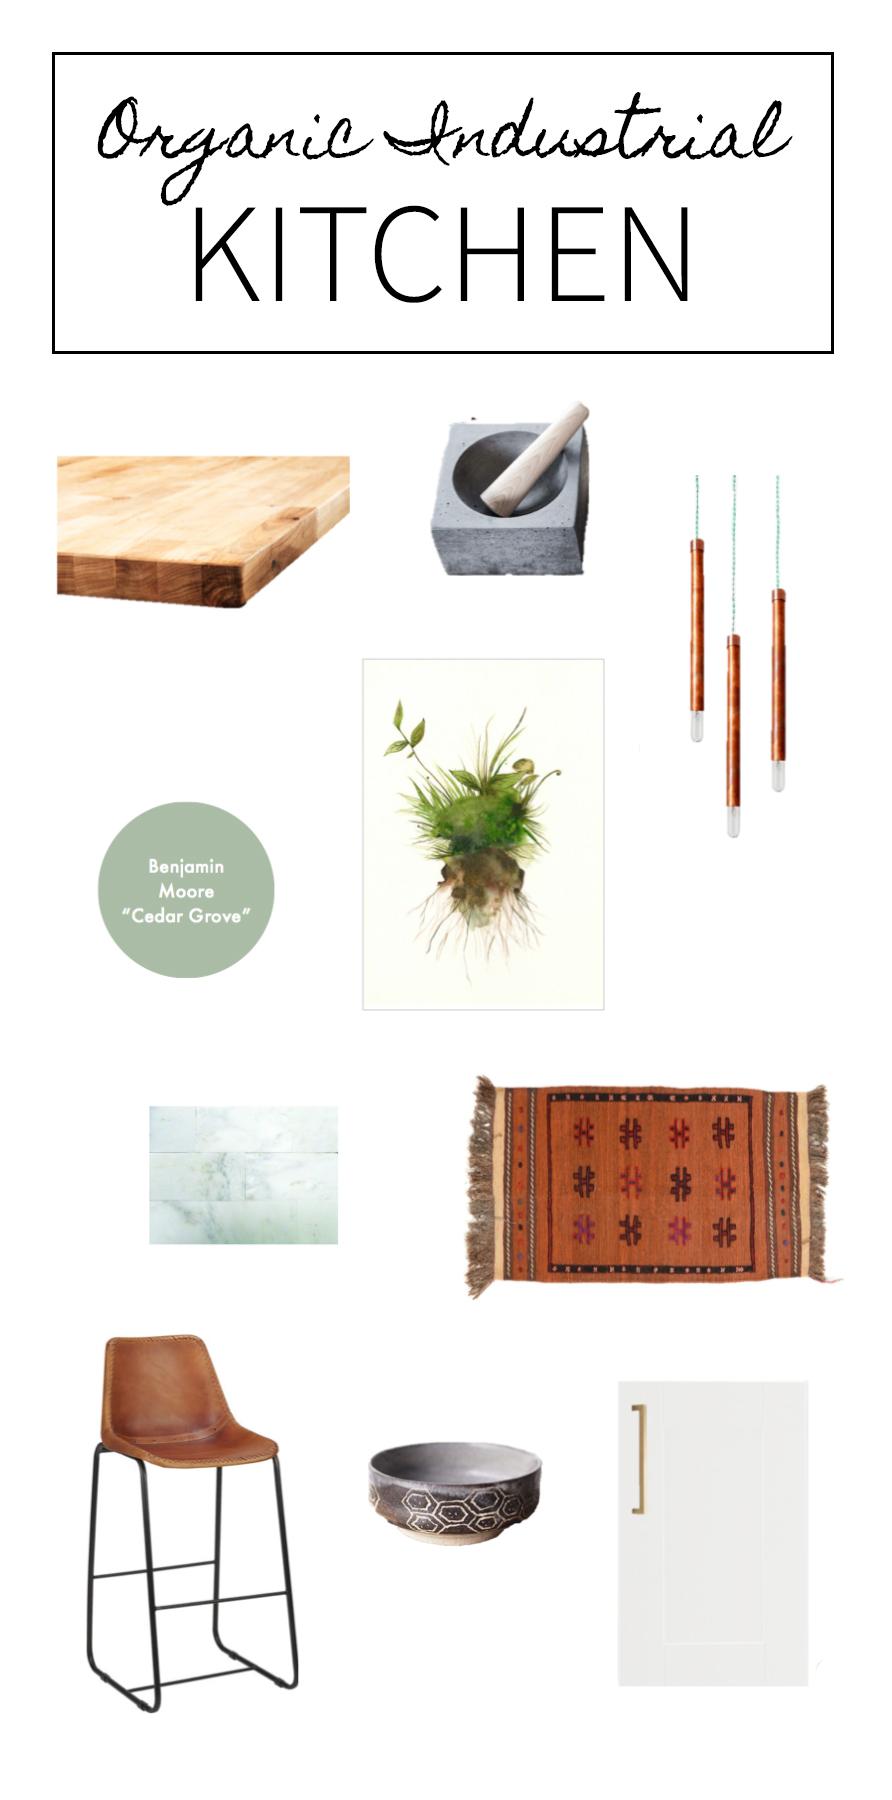 Organic Industrial Modern Kitchen decor